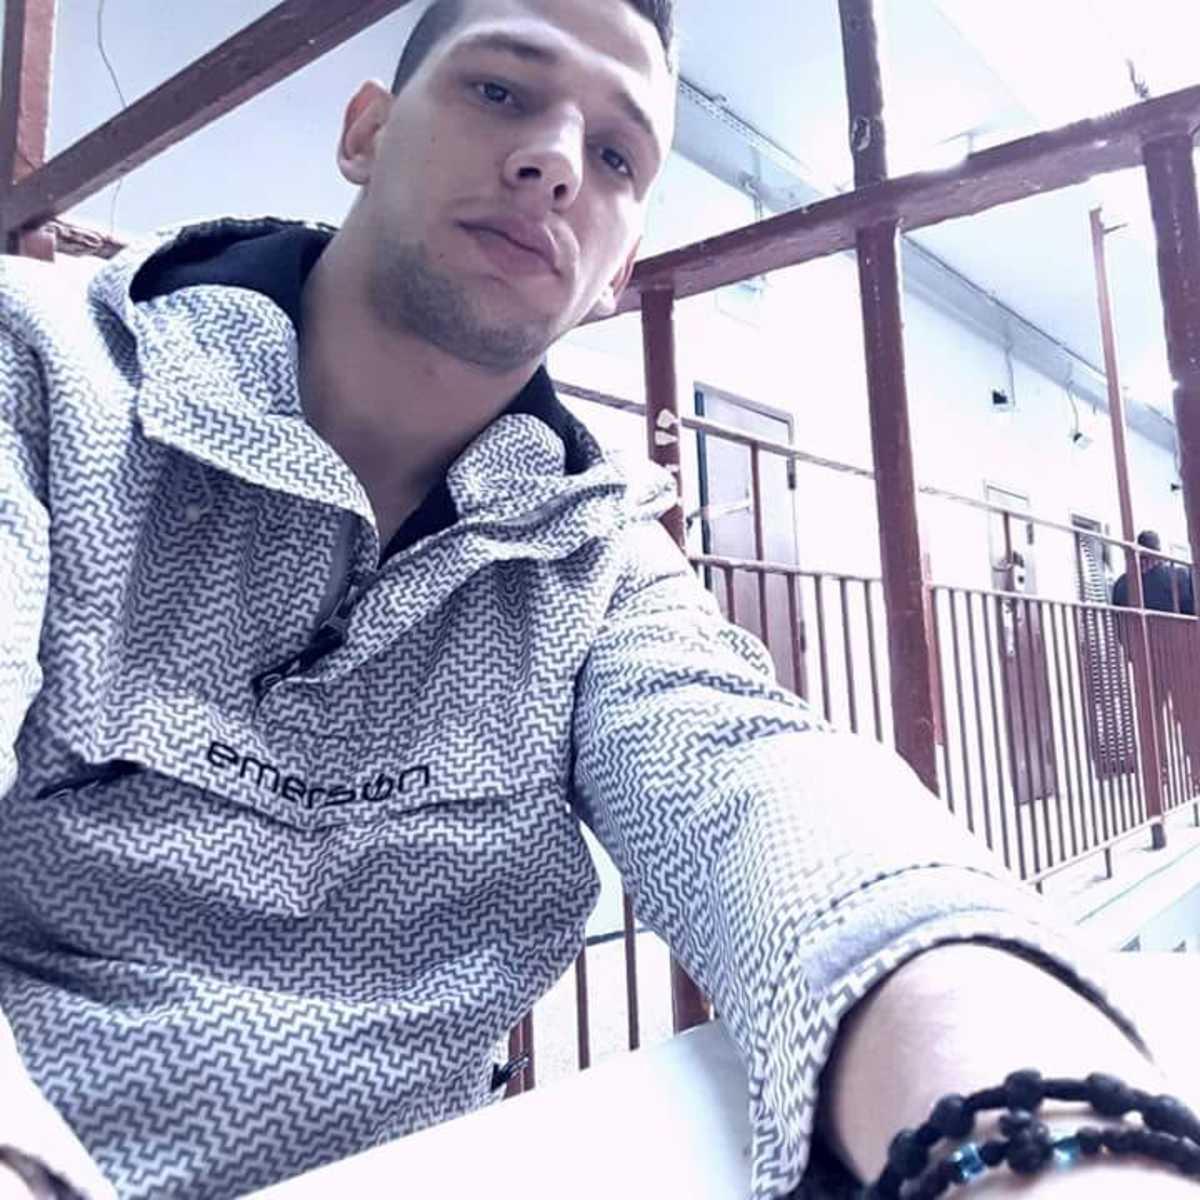 26χρονος κρατούμενος πέθανε στη φυλακή από φλεγμονή στο δόντι | Newsit.gr